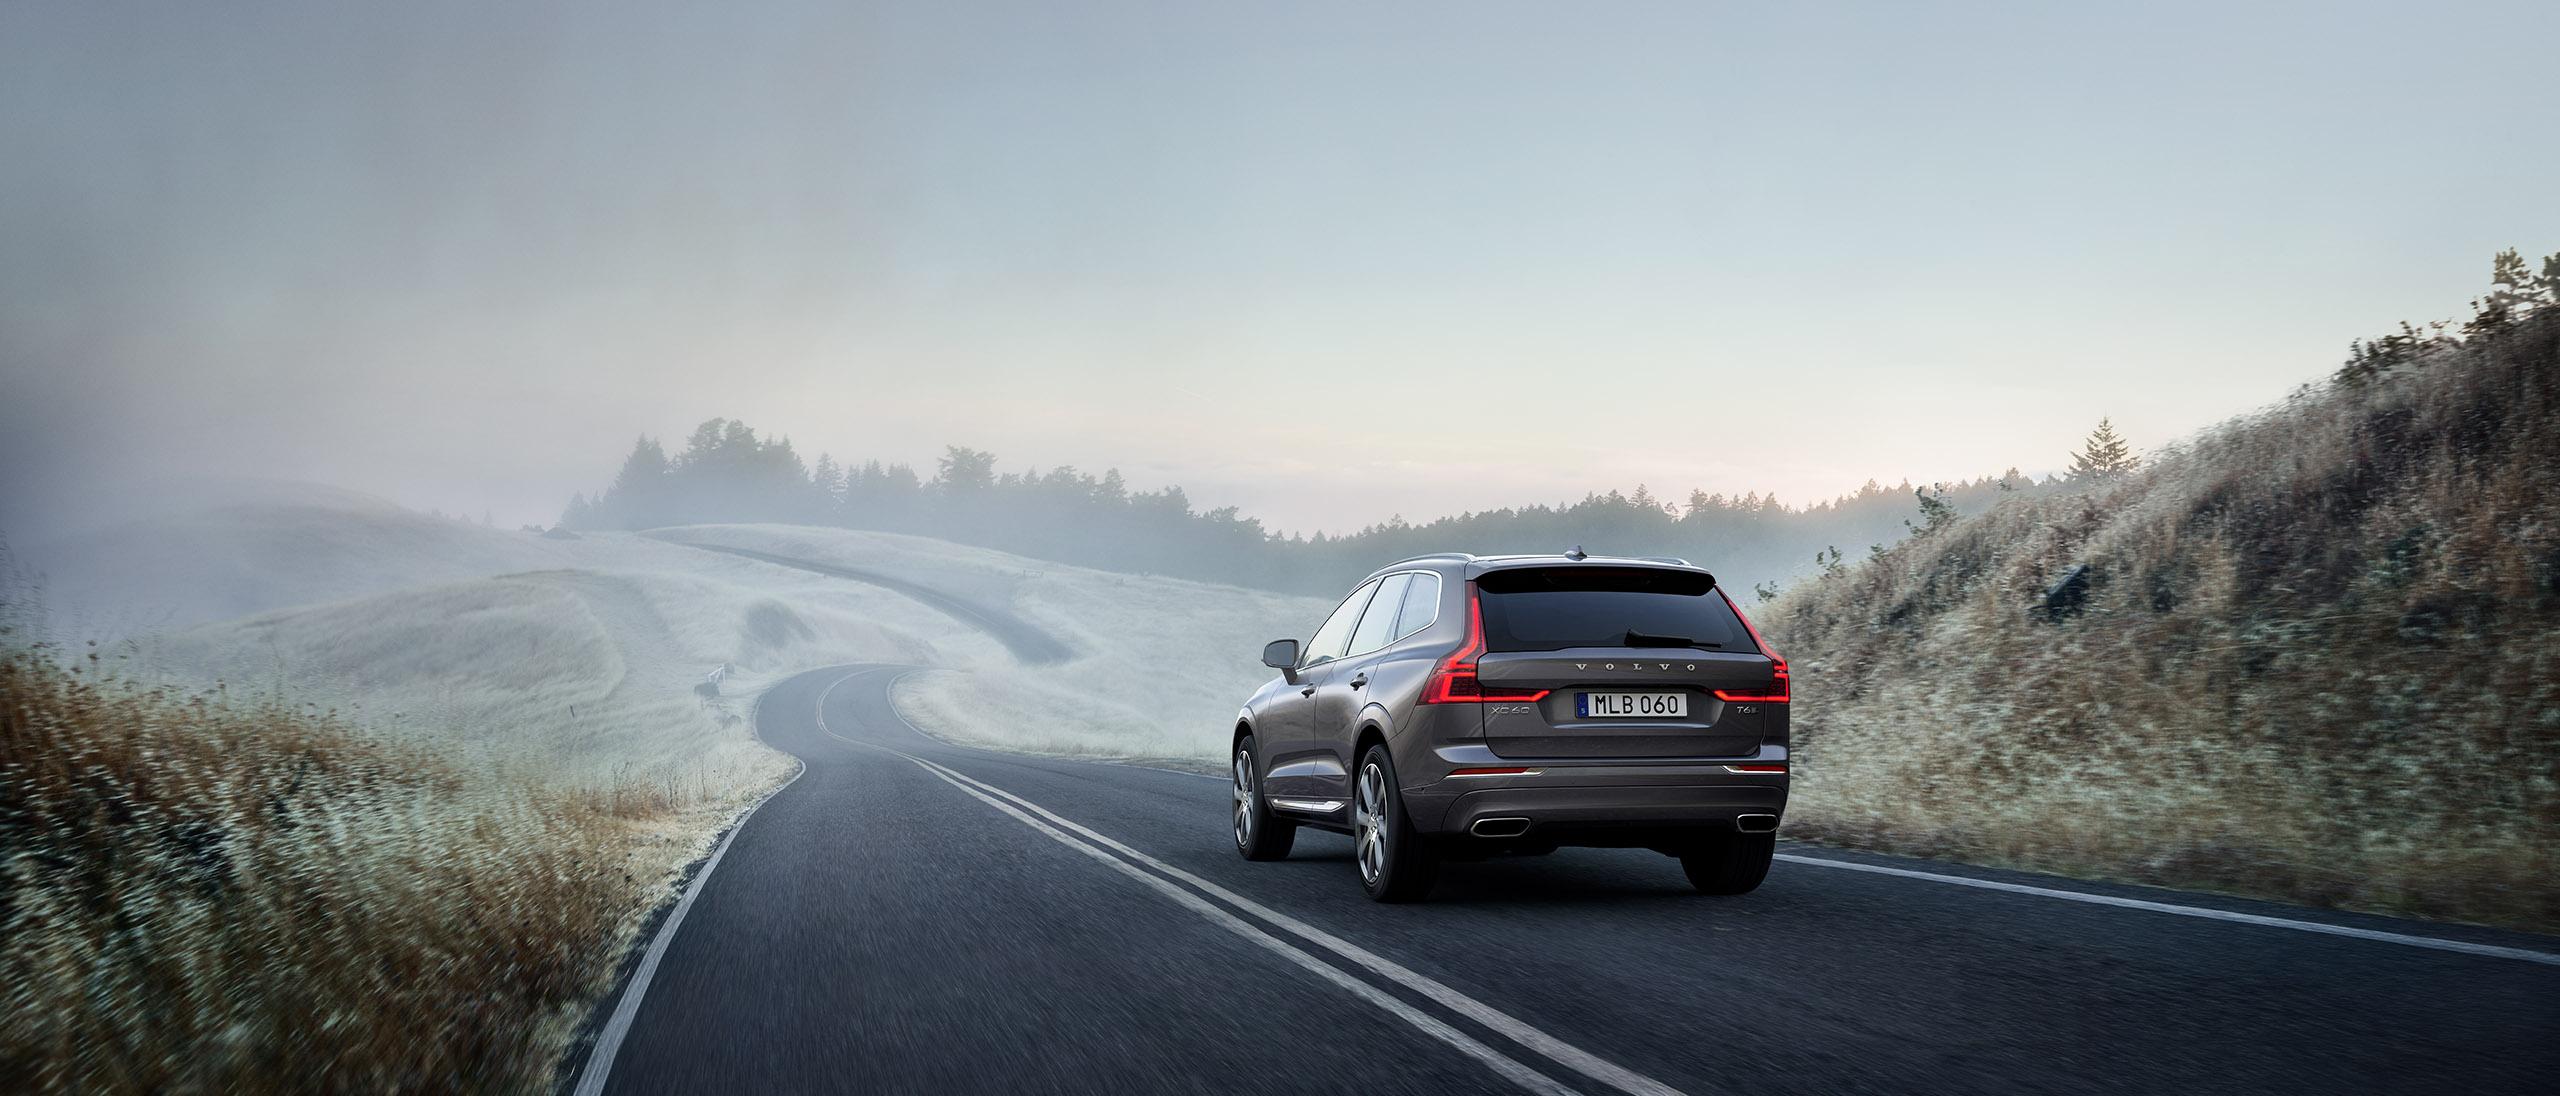 Ein grauer Volvo XC60 fährt in der Morgendämmerung auf einer Landstraße inmitten von Feldern